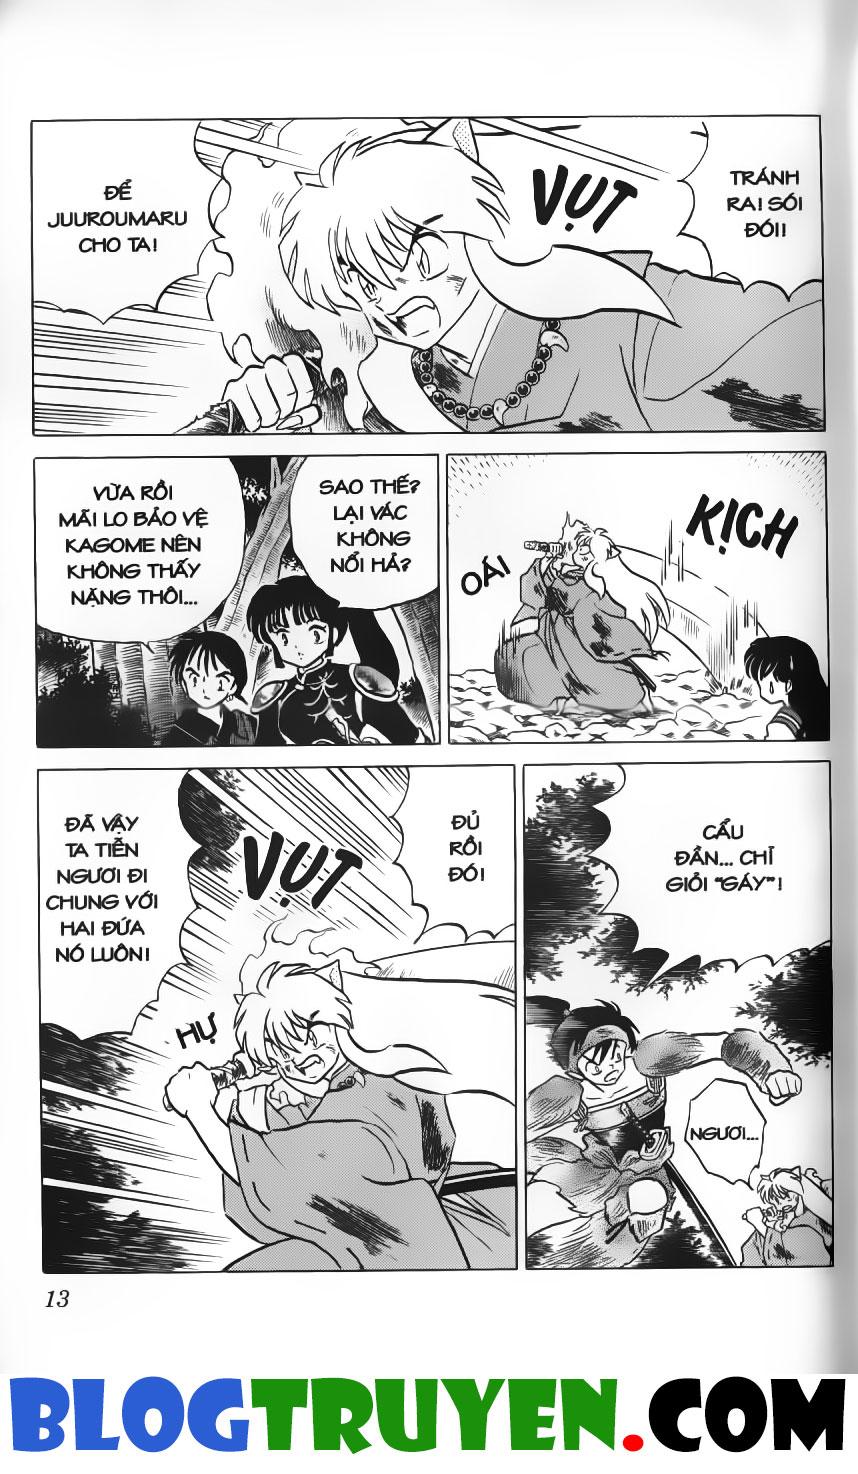 Inuyasha vol 18.1 trang 12